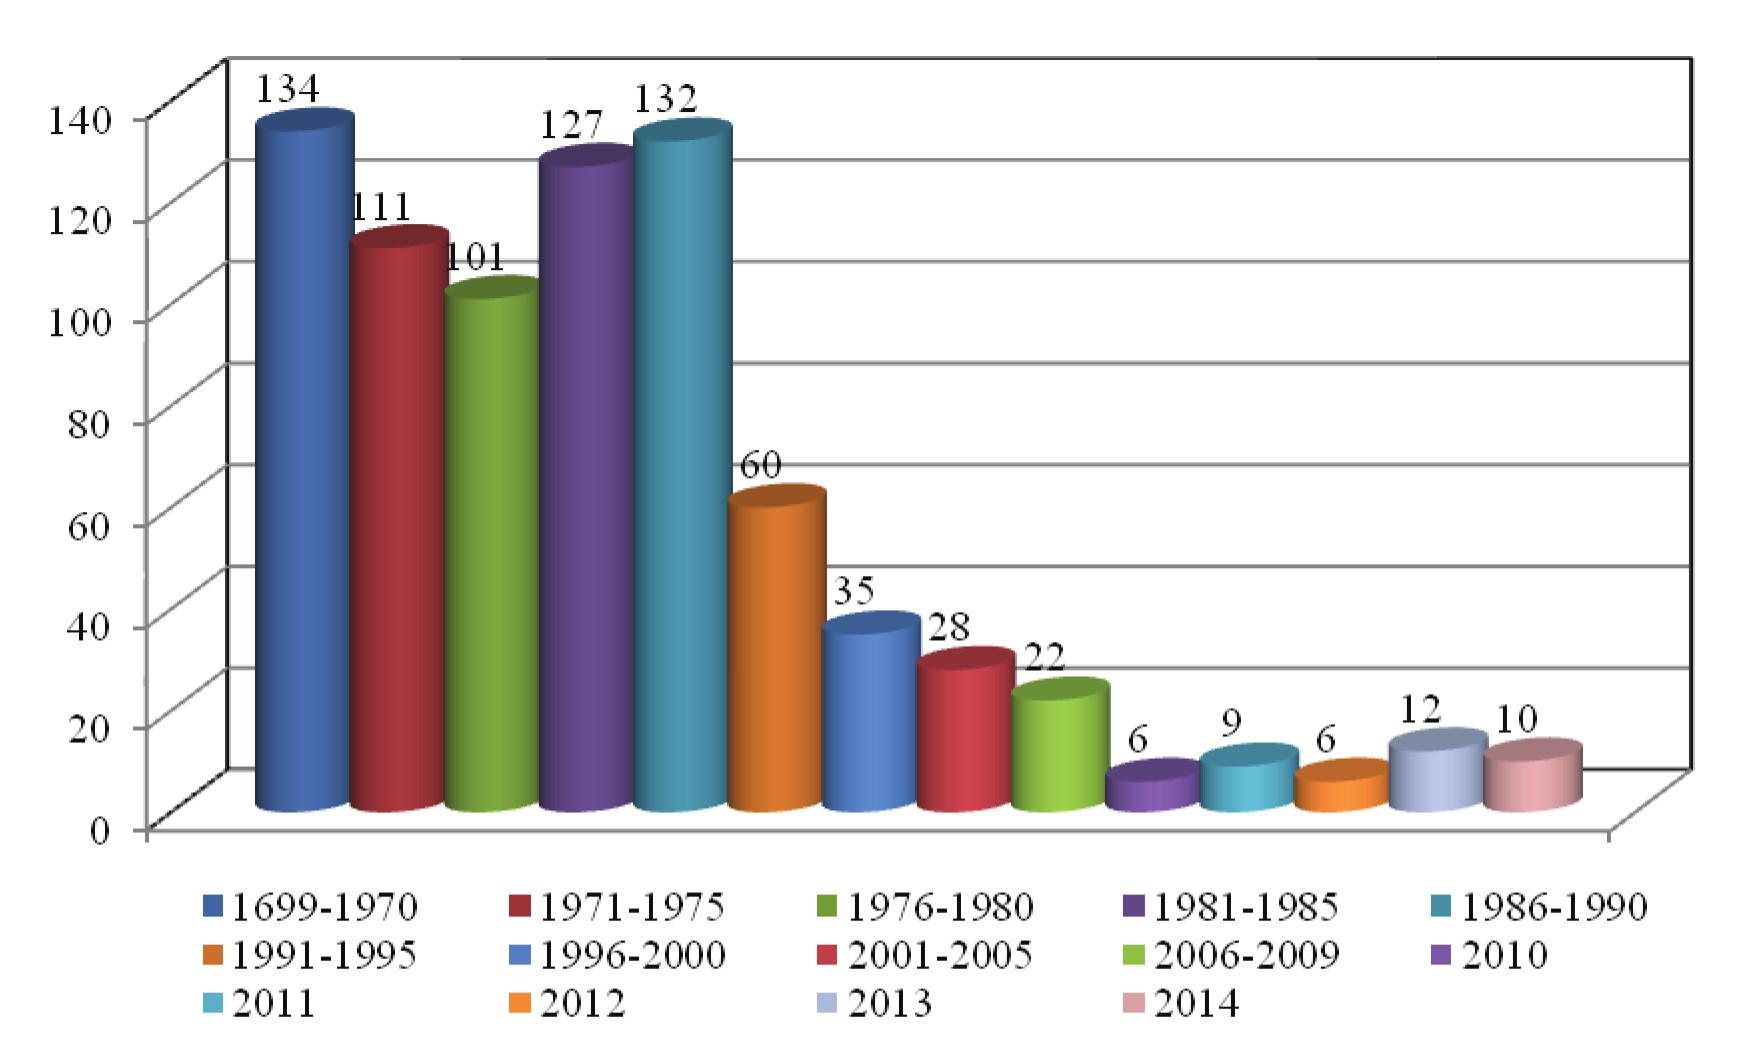 Chrom v ČR – 5leté intervaly/průměr za 1 rok, od r. 2010 počet/rok